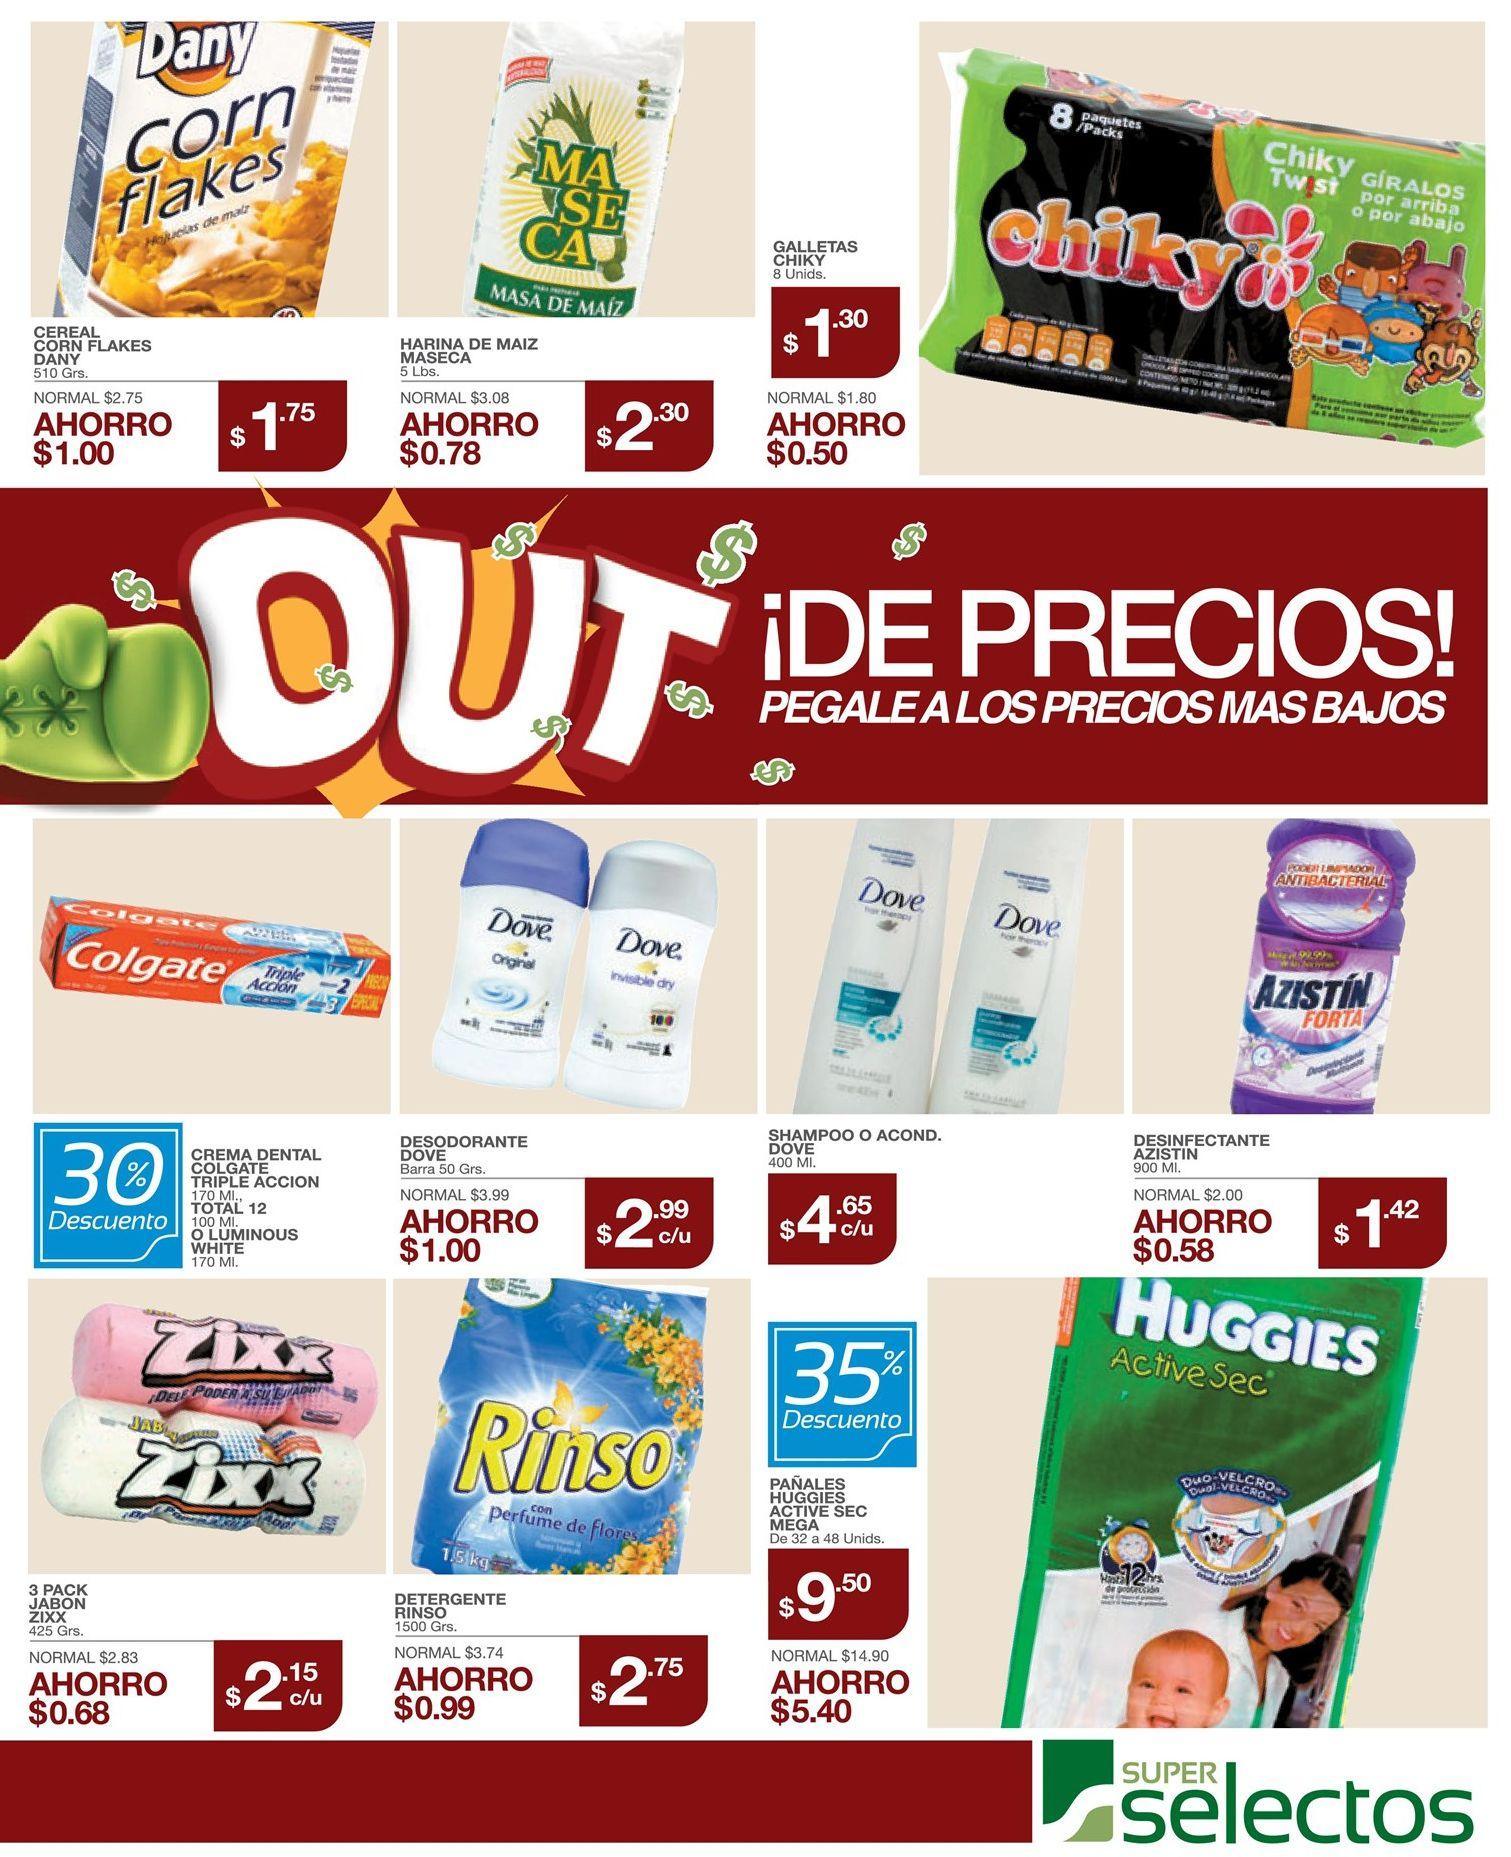 Super selectos ofertas con solo ahorro de la semana - 30abr15